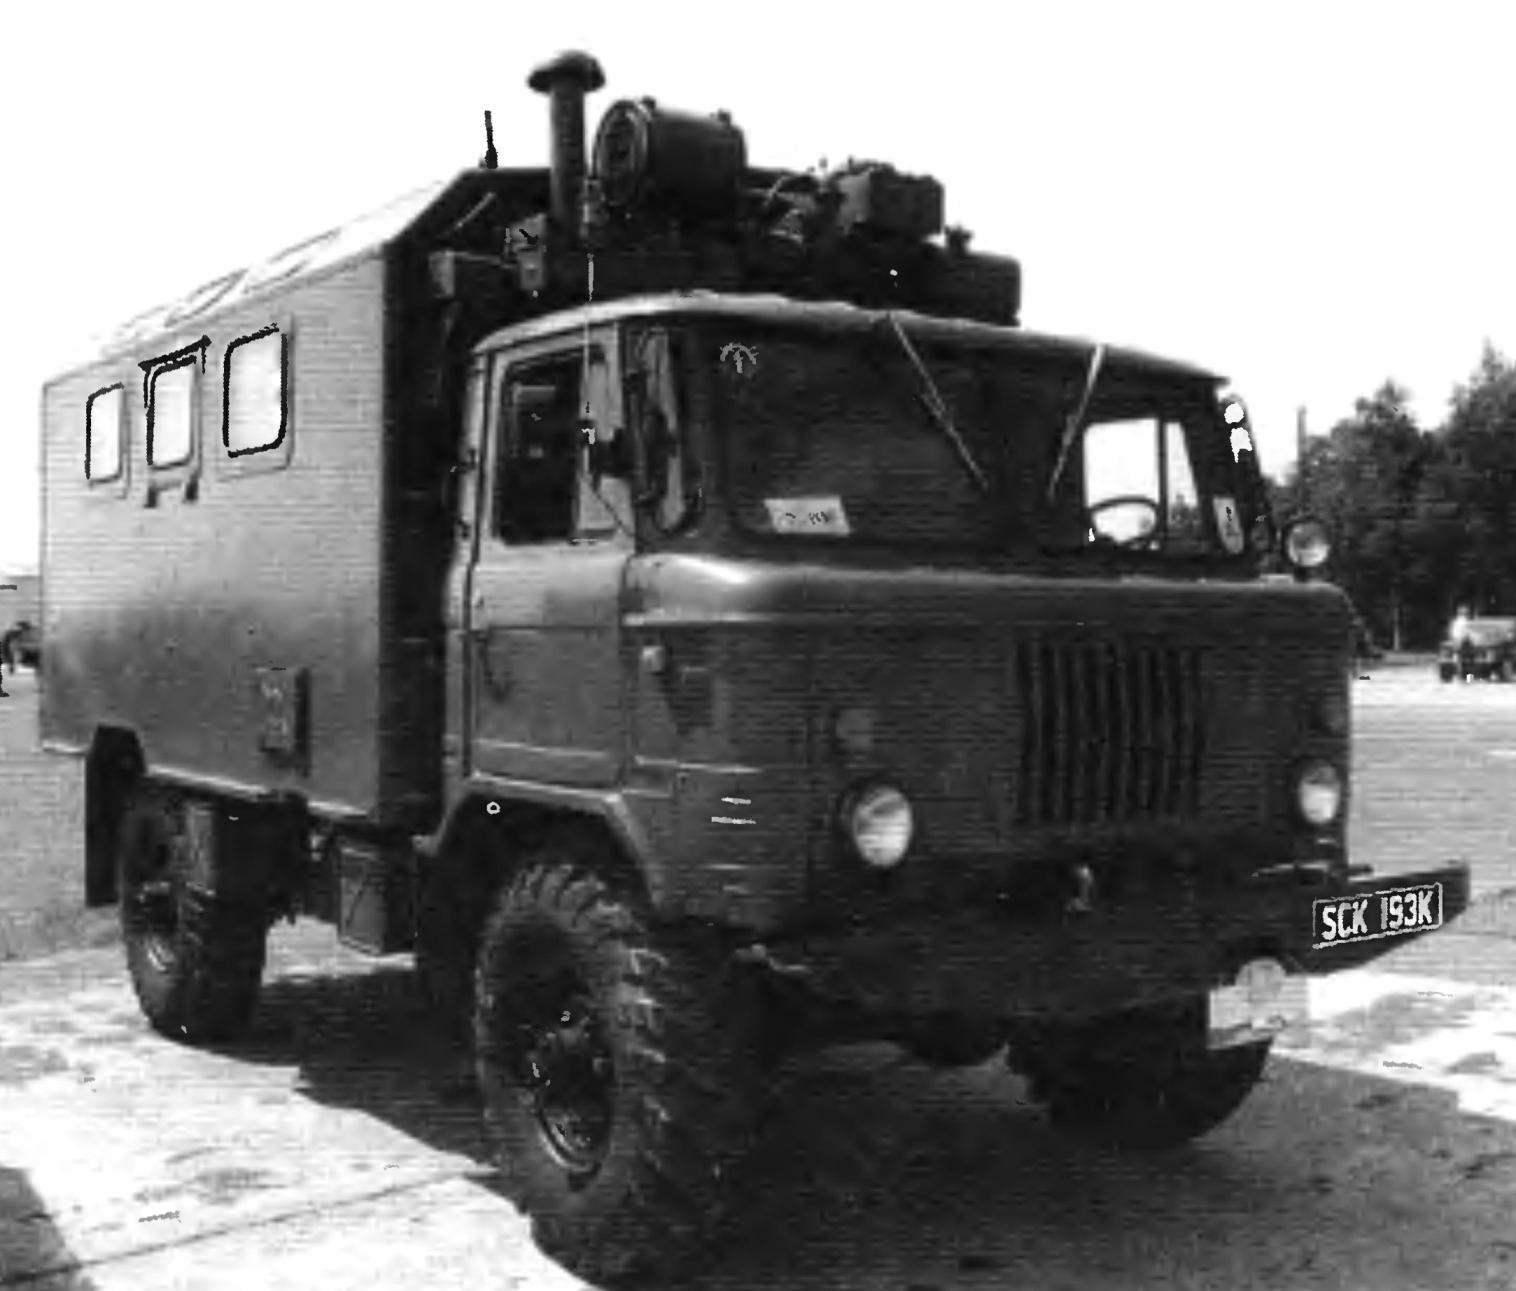 Армейский полноприводной грузовой автомобиль ГАЗ-66 по прозвищу «Шишига», послуживший основой ряда автомобилей-вездеходов четвёртого поколения